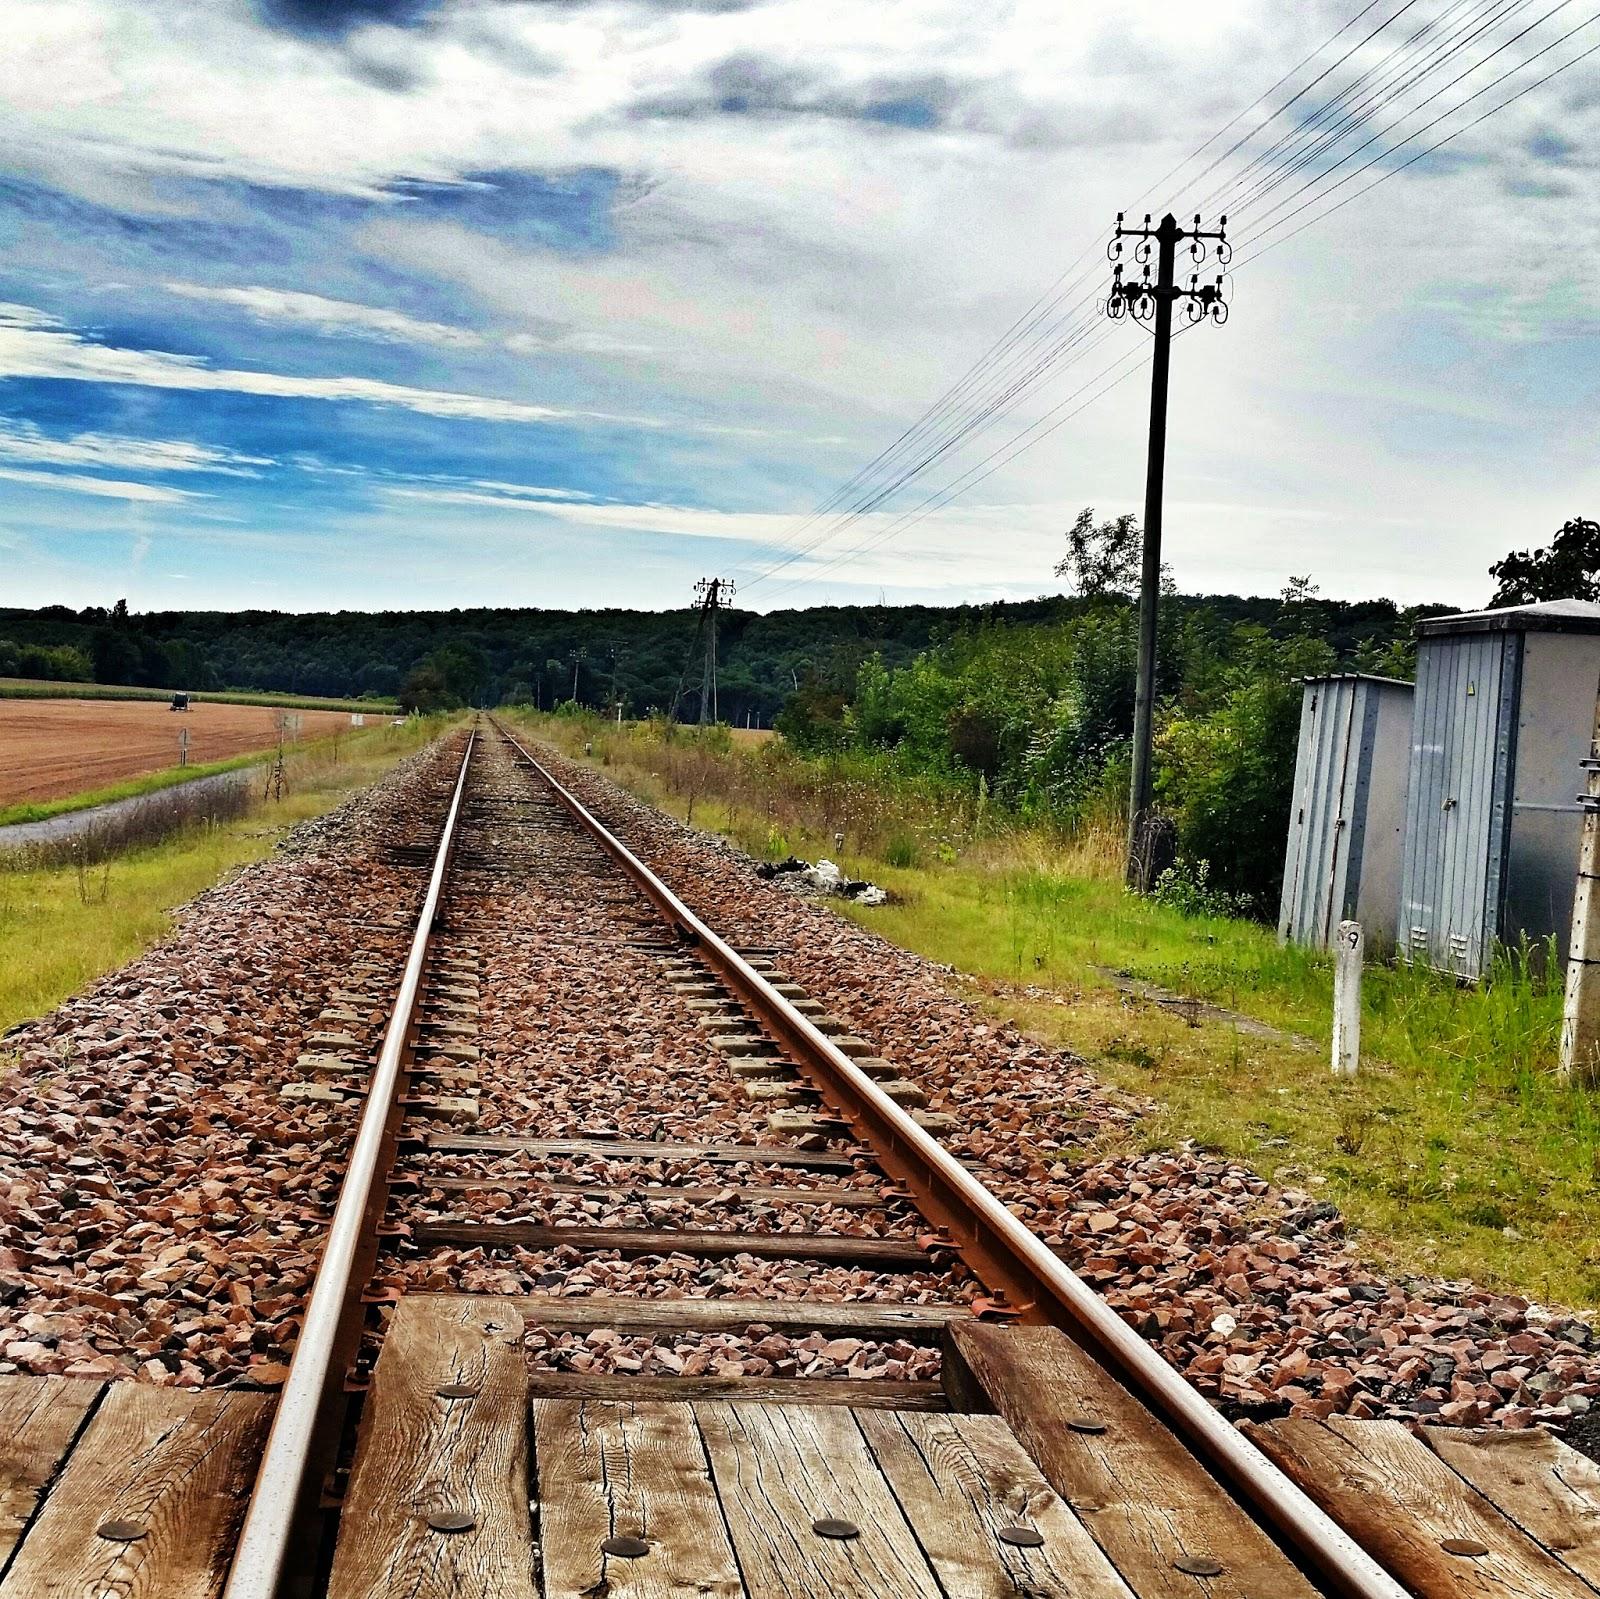 European train line